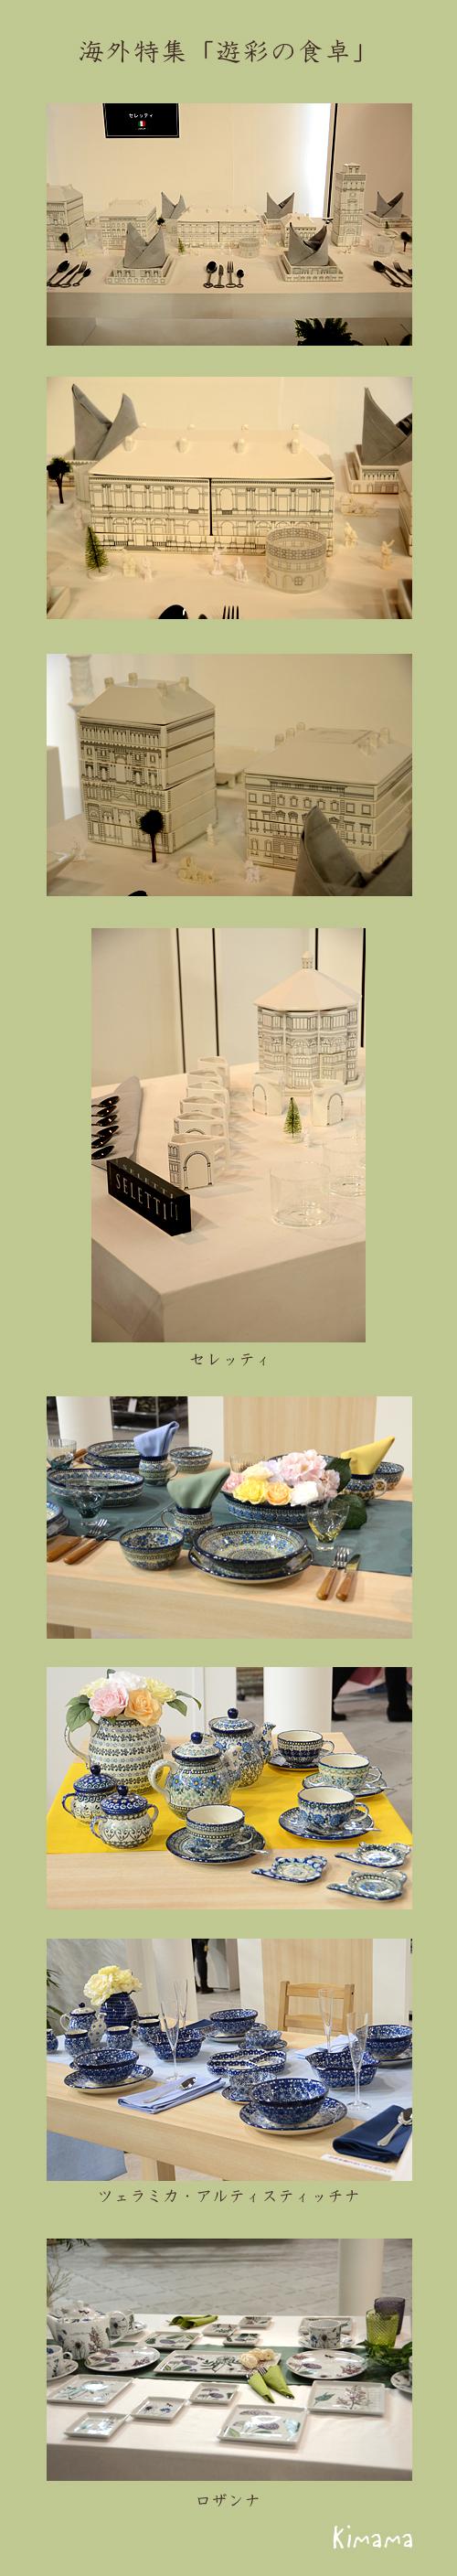 2月6日テーブルウェアフェスティバル4